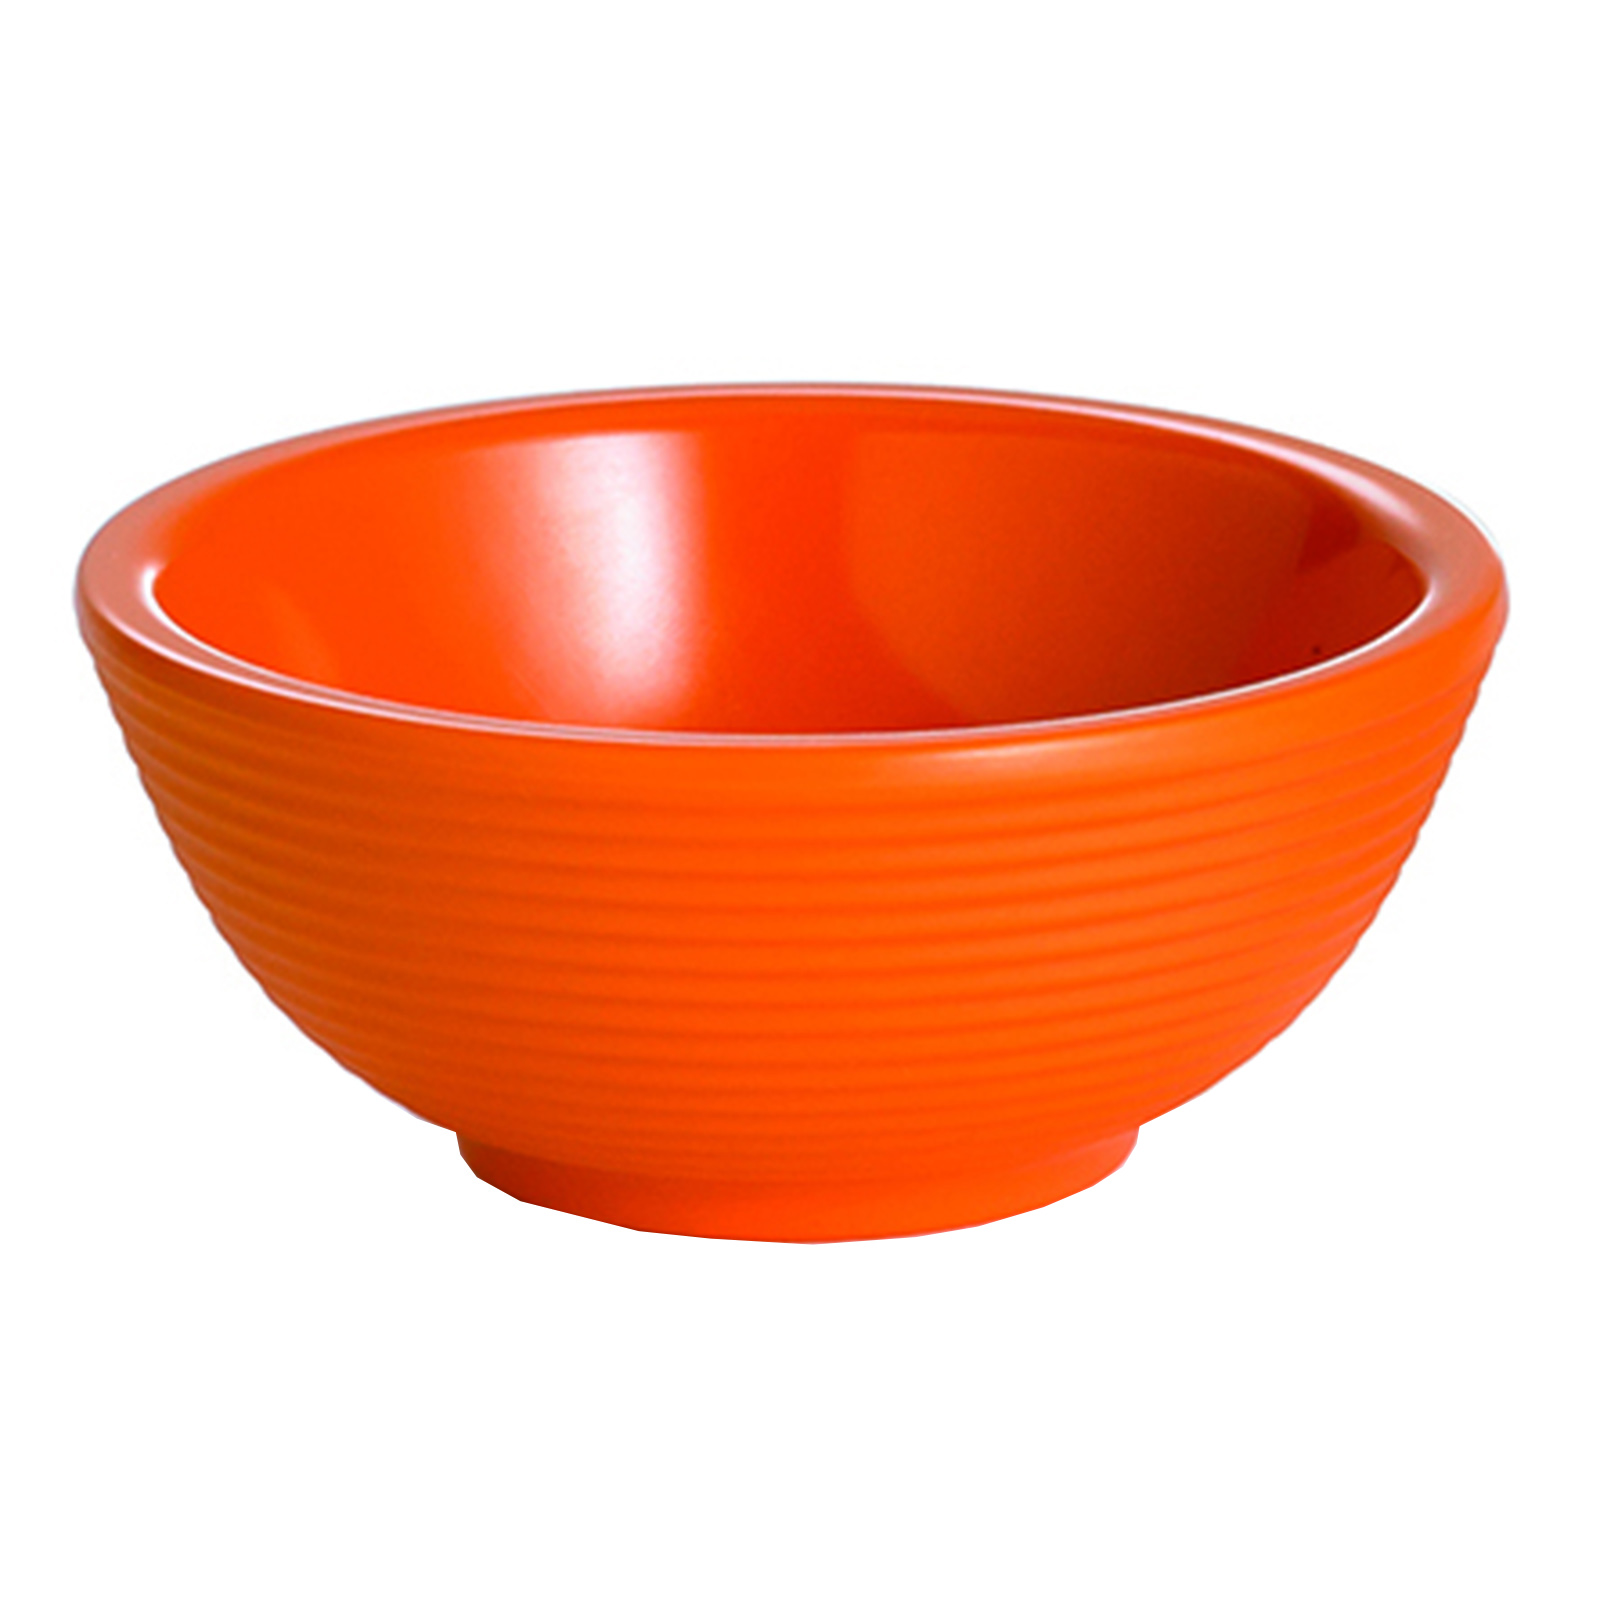 TableCraft Products RAM2RX ramekin / sauce cup, plastic